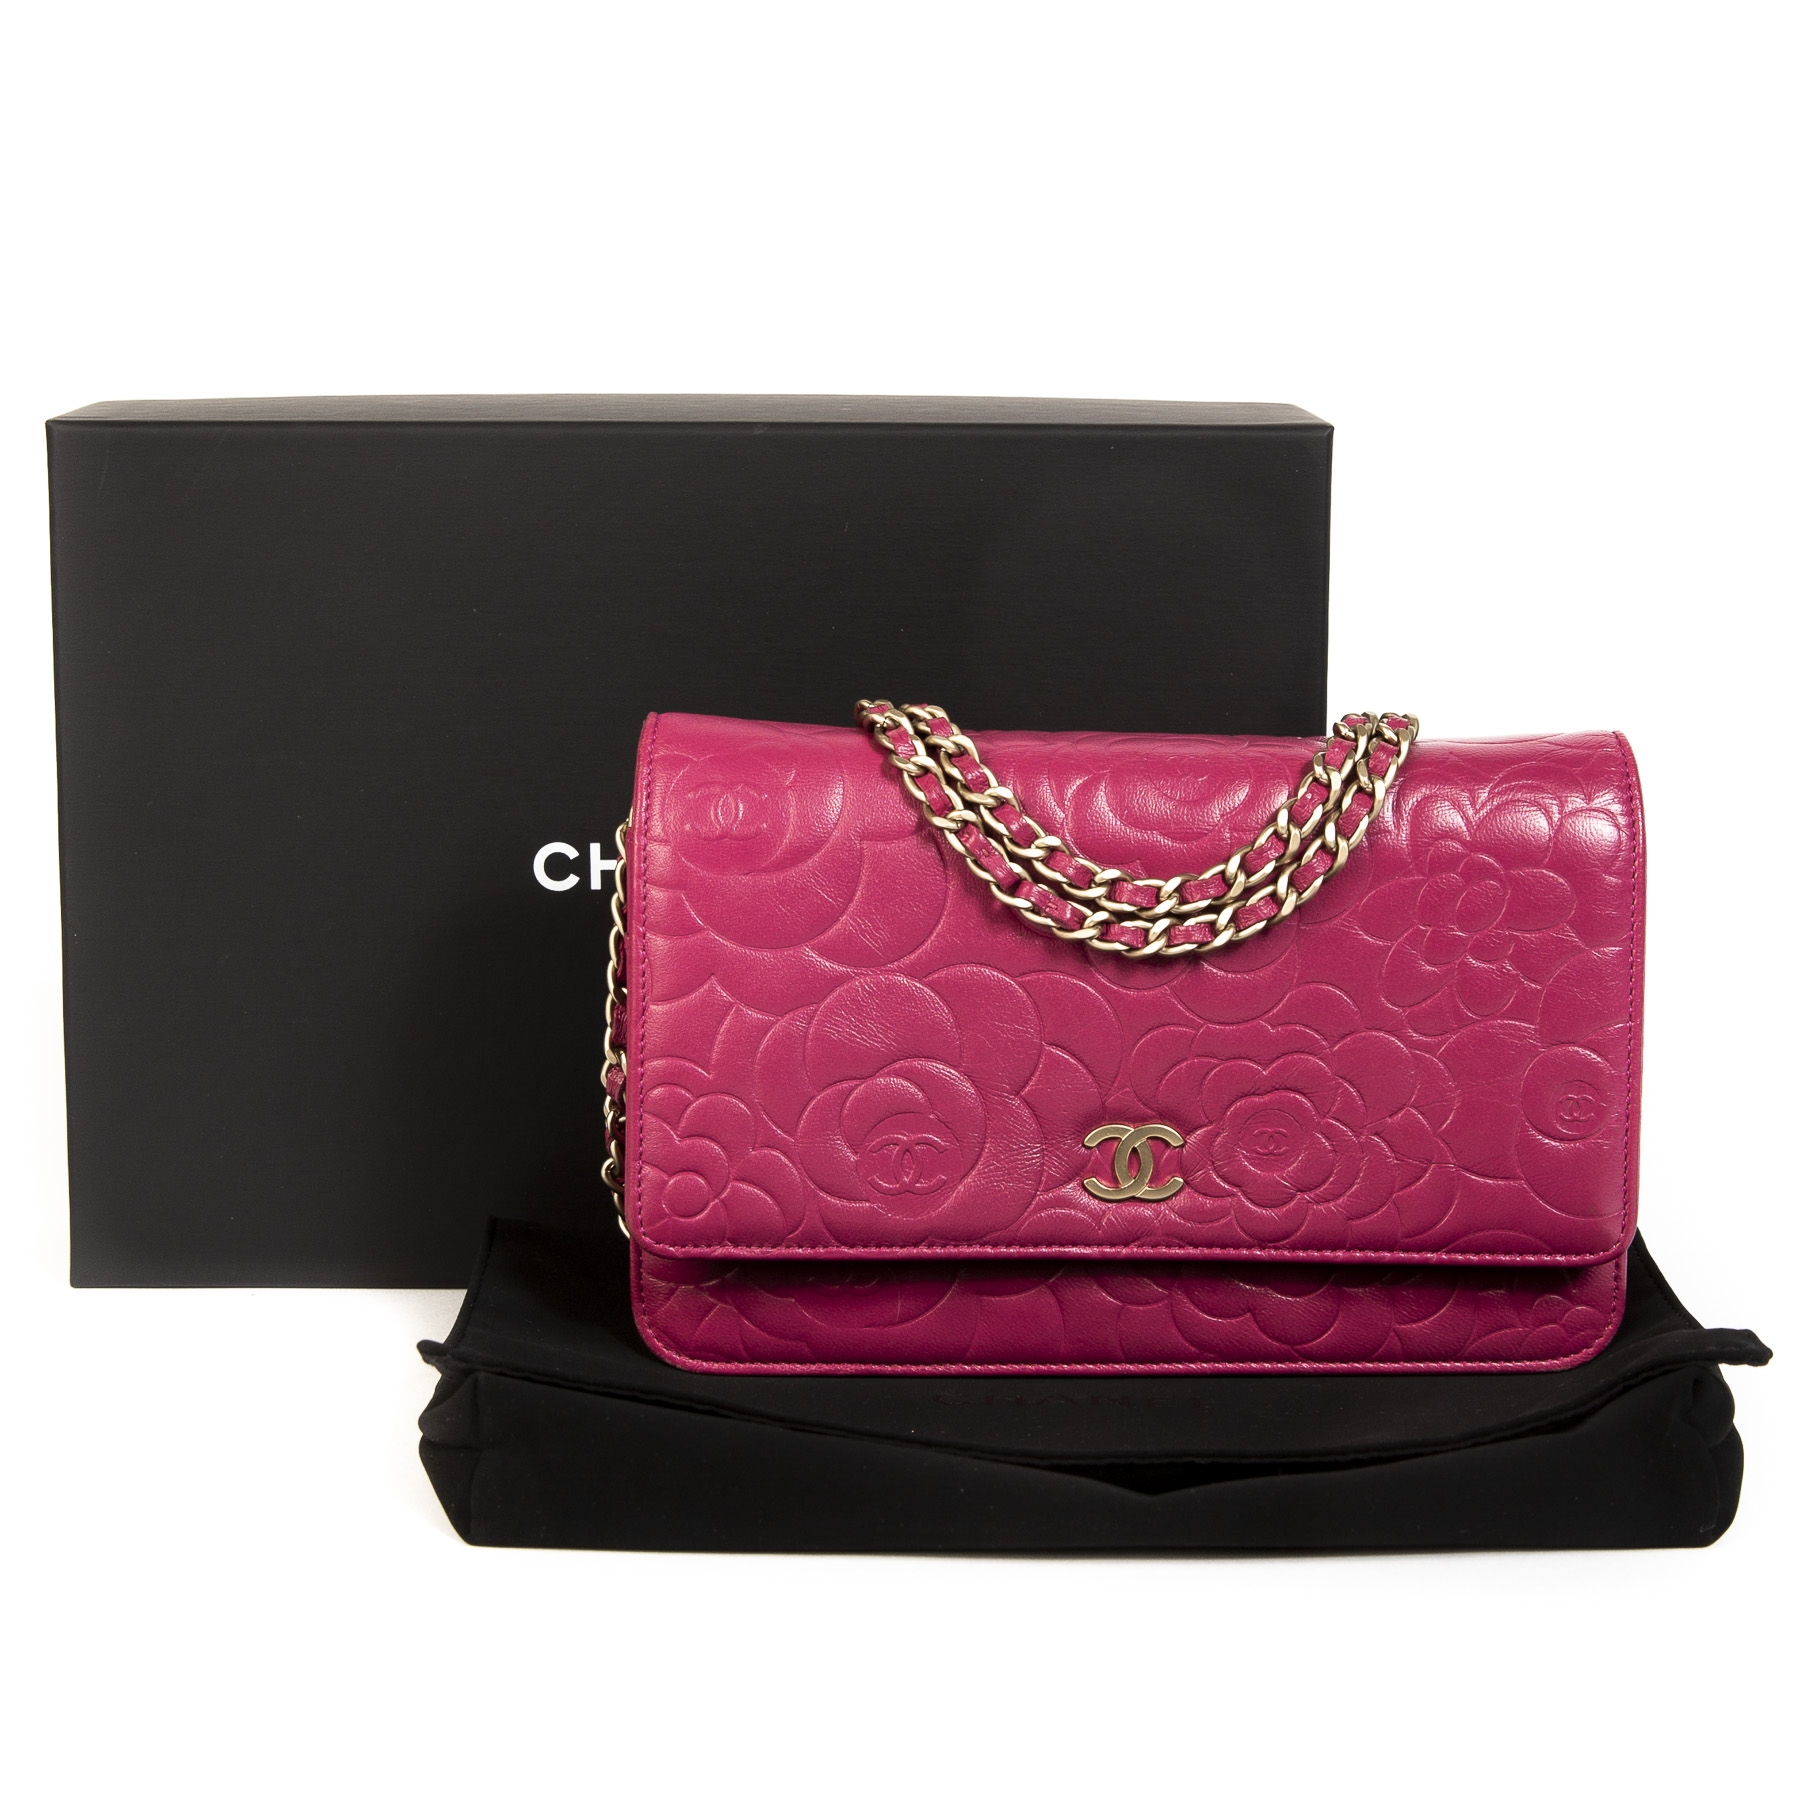 Koop uw authentieke Chanel Pink Leather Floral Wallet On Chain aan de beste prijs